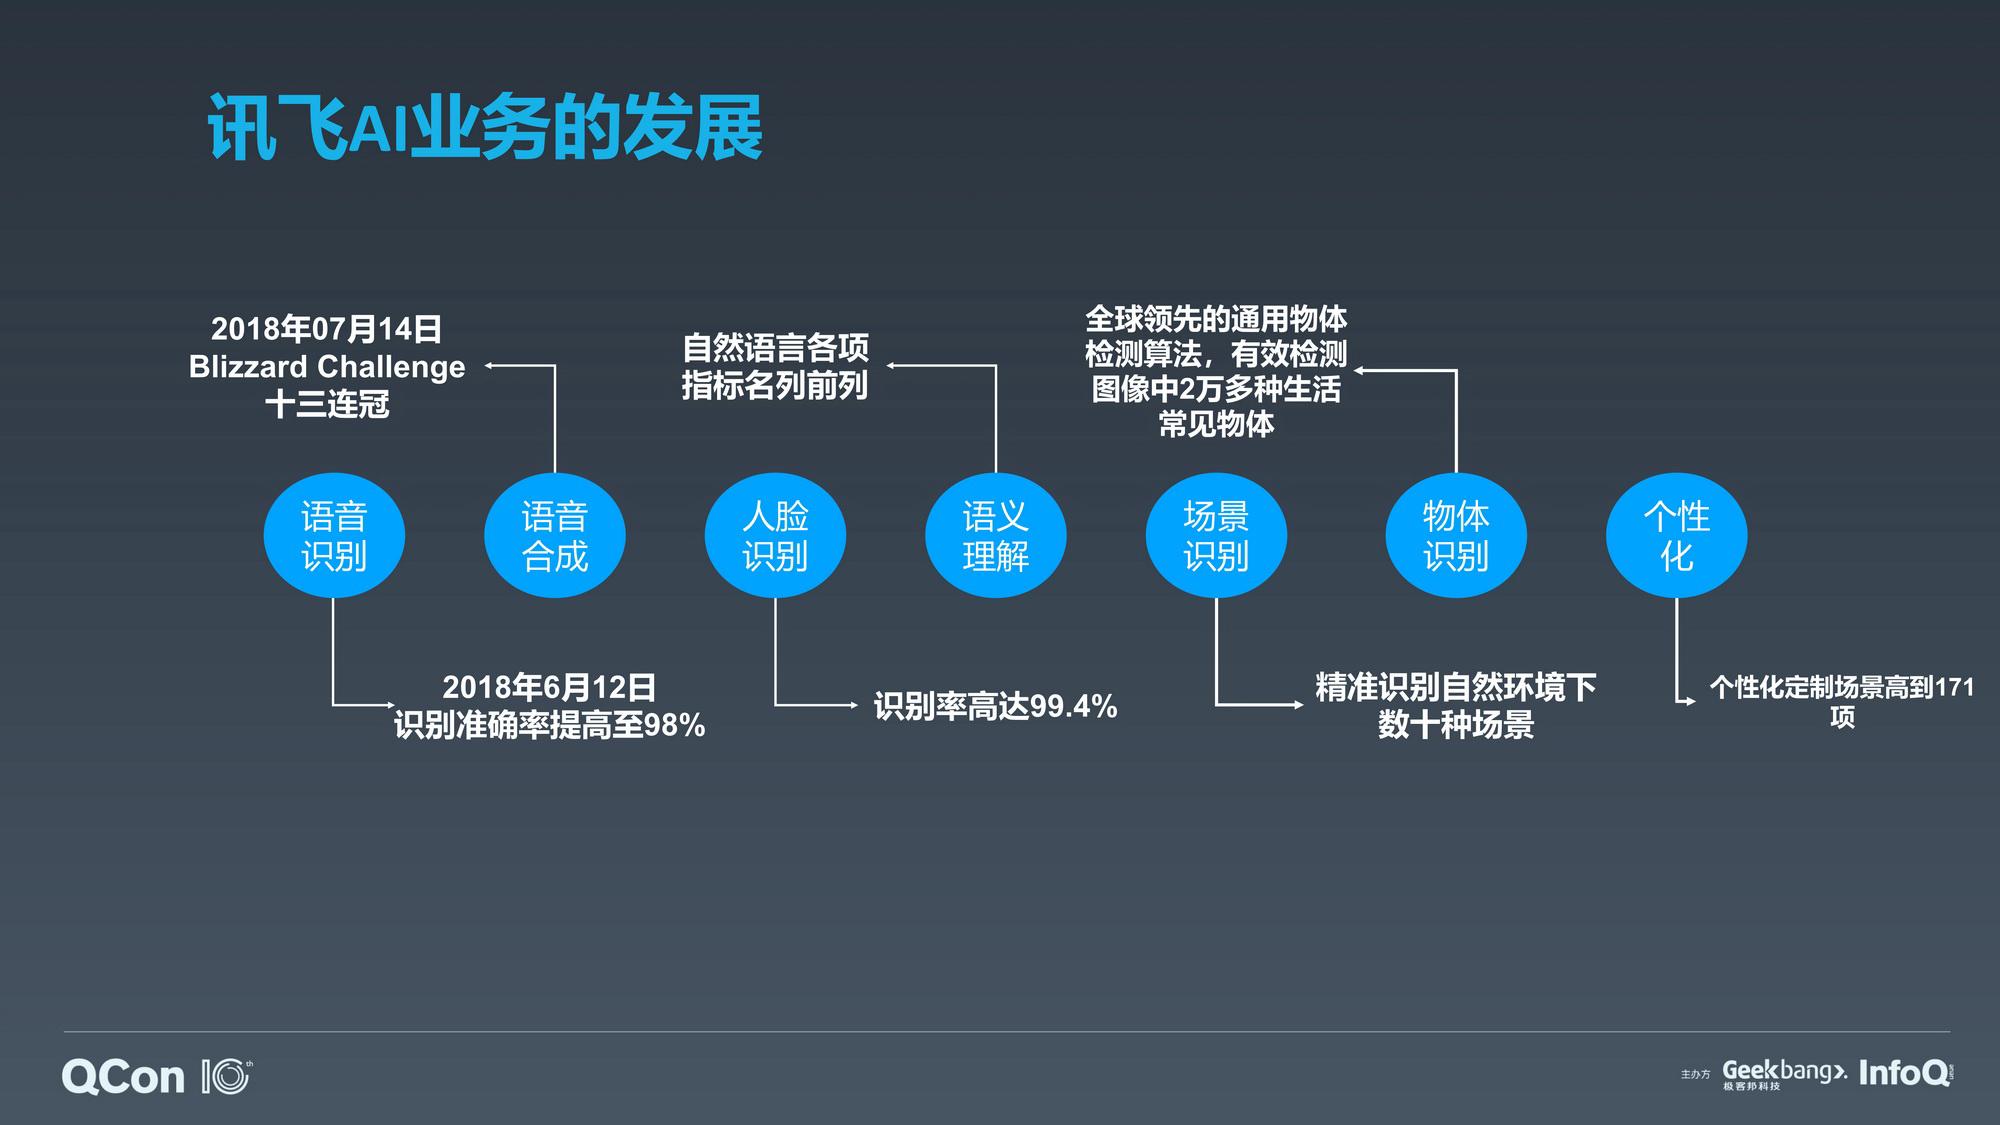 大规模 GPU 虚拟化技术在讯飞 AI 业务中的应用